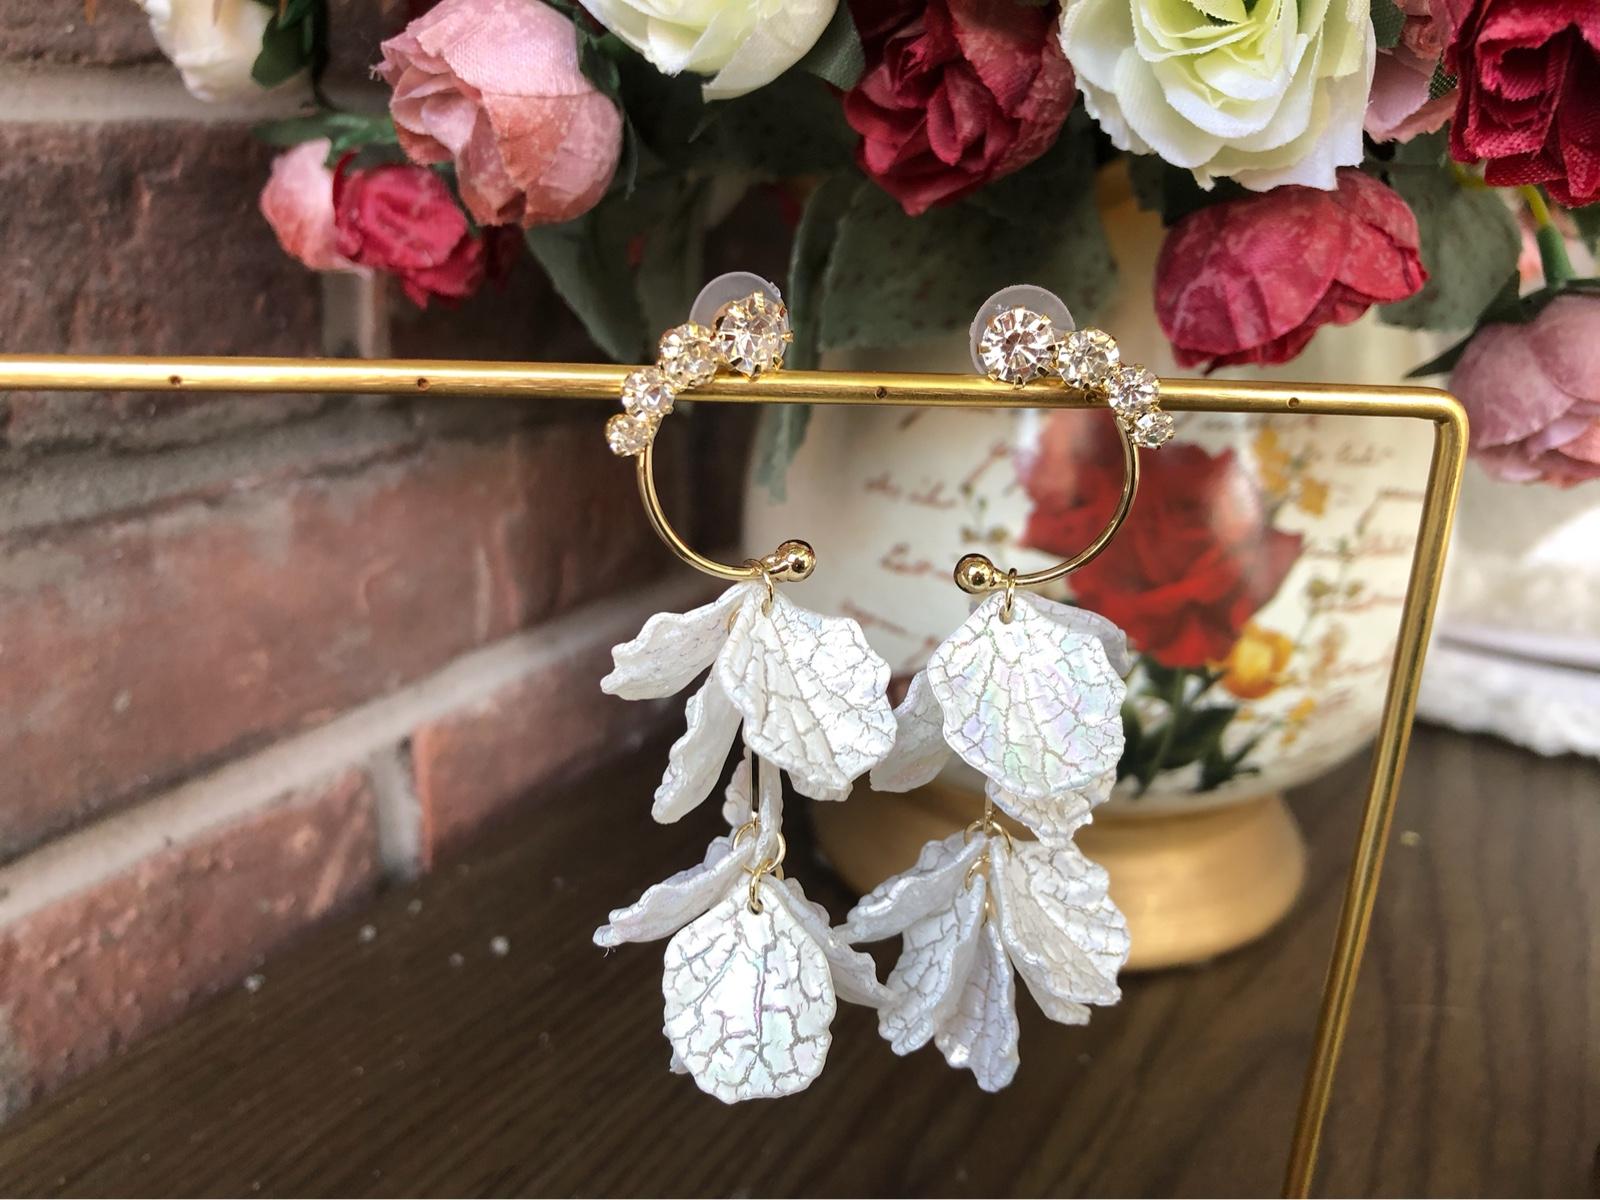 十里间 贝壳花瓣造型流苏长款耳环网红度假风女个性夸张流行饰品